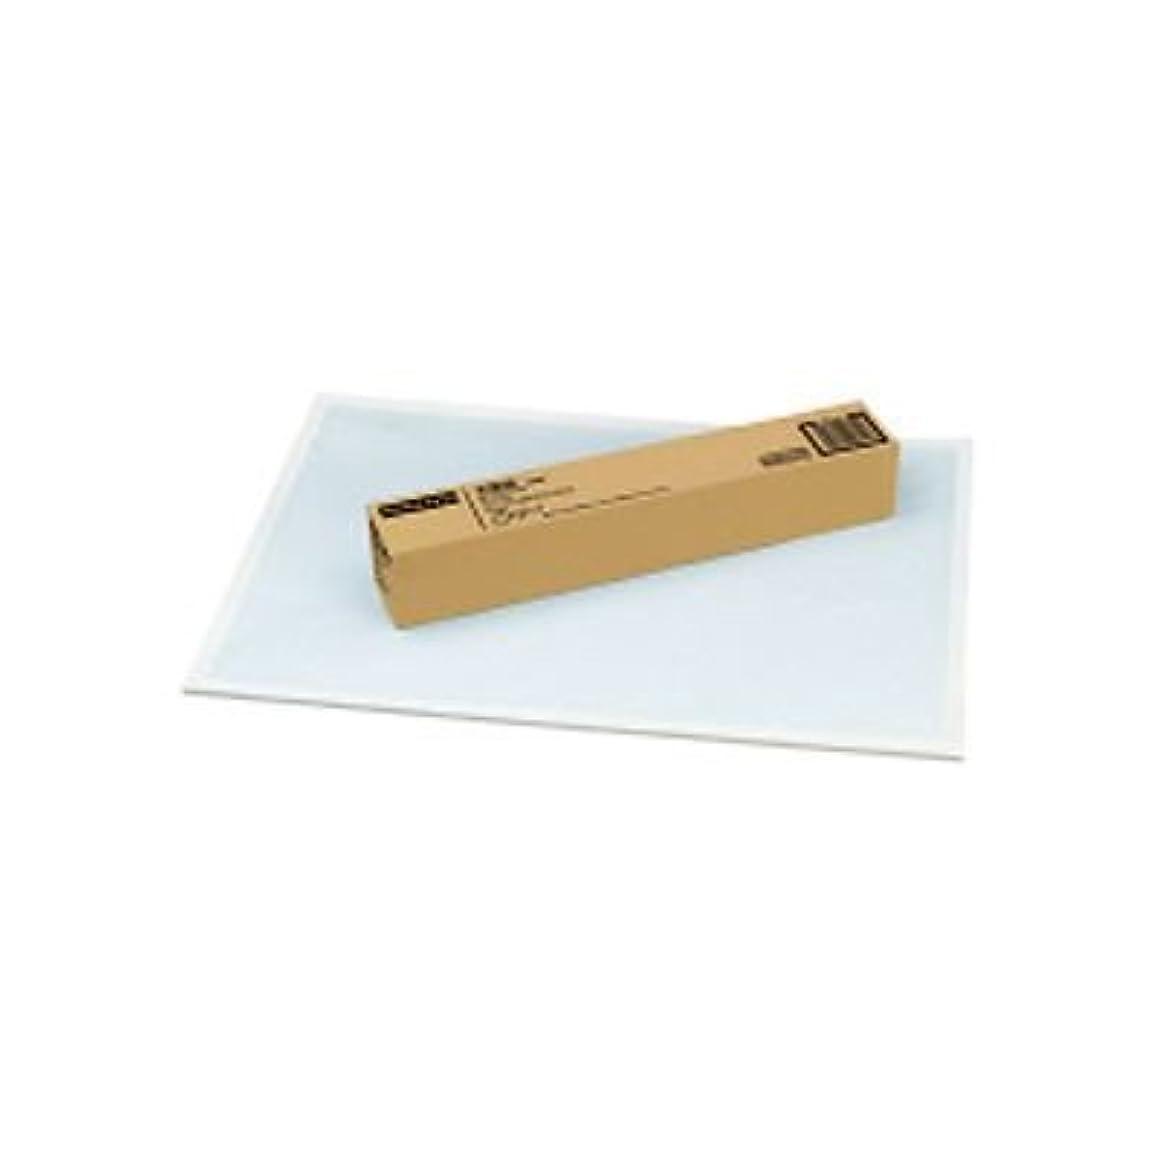 上質方眼紙 A1 ブルー刷(1mm方眼) 1束(50枚入) 品番:?-16 注文番号:51692940 メーカー:コクヨ